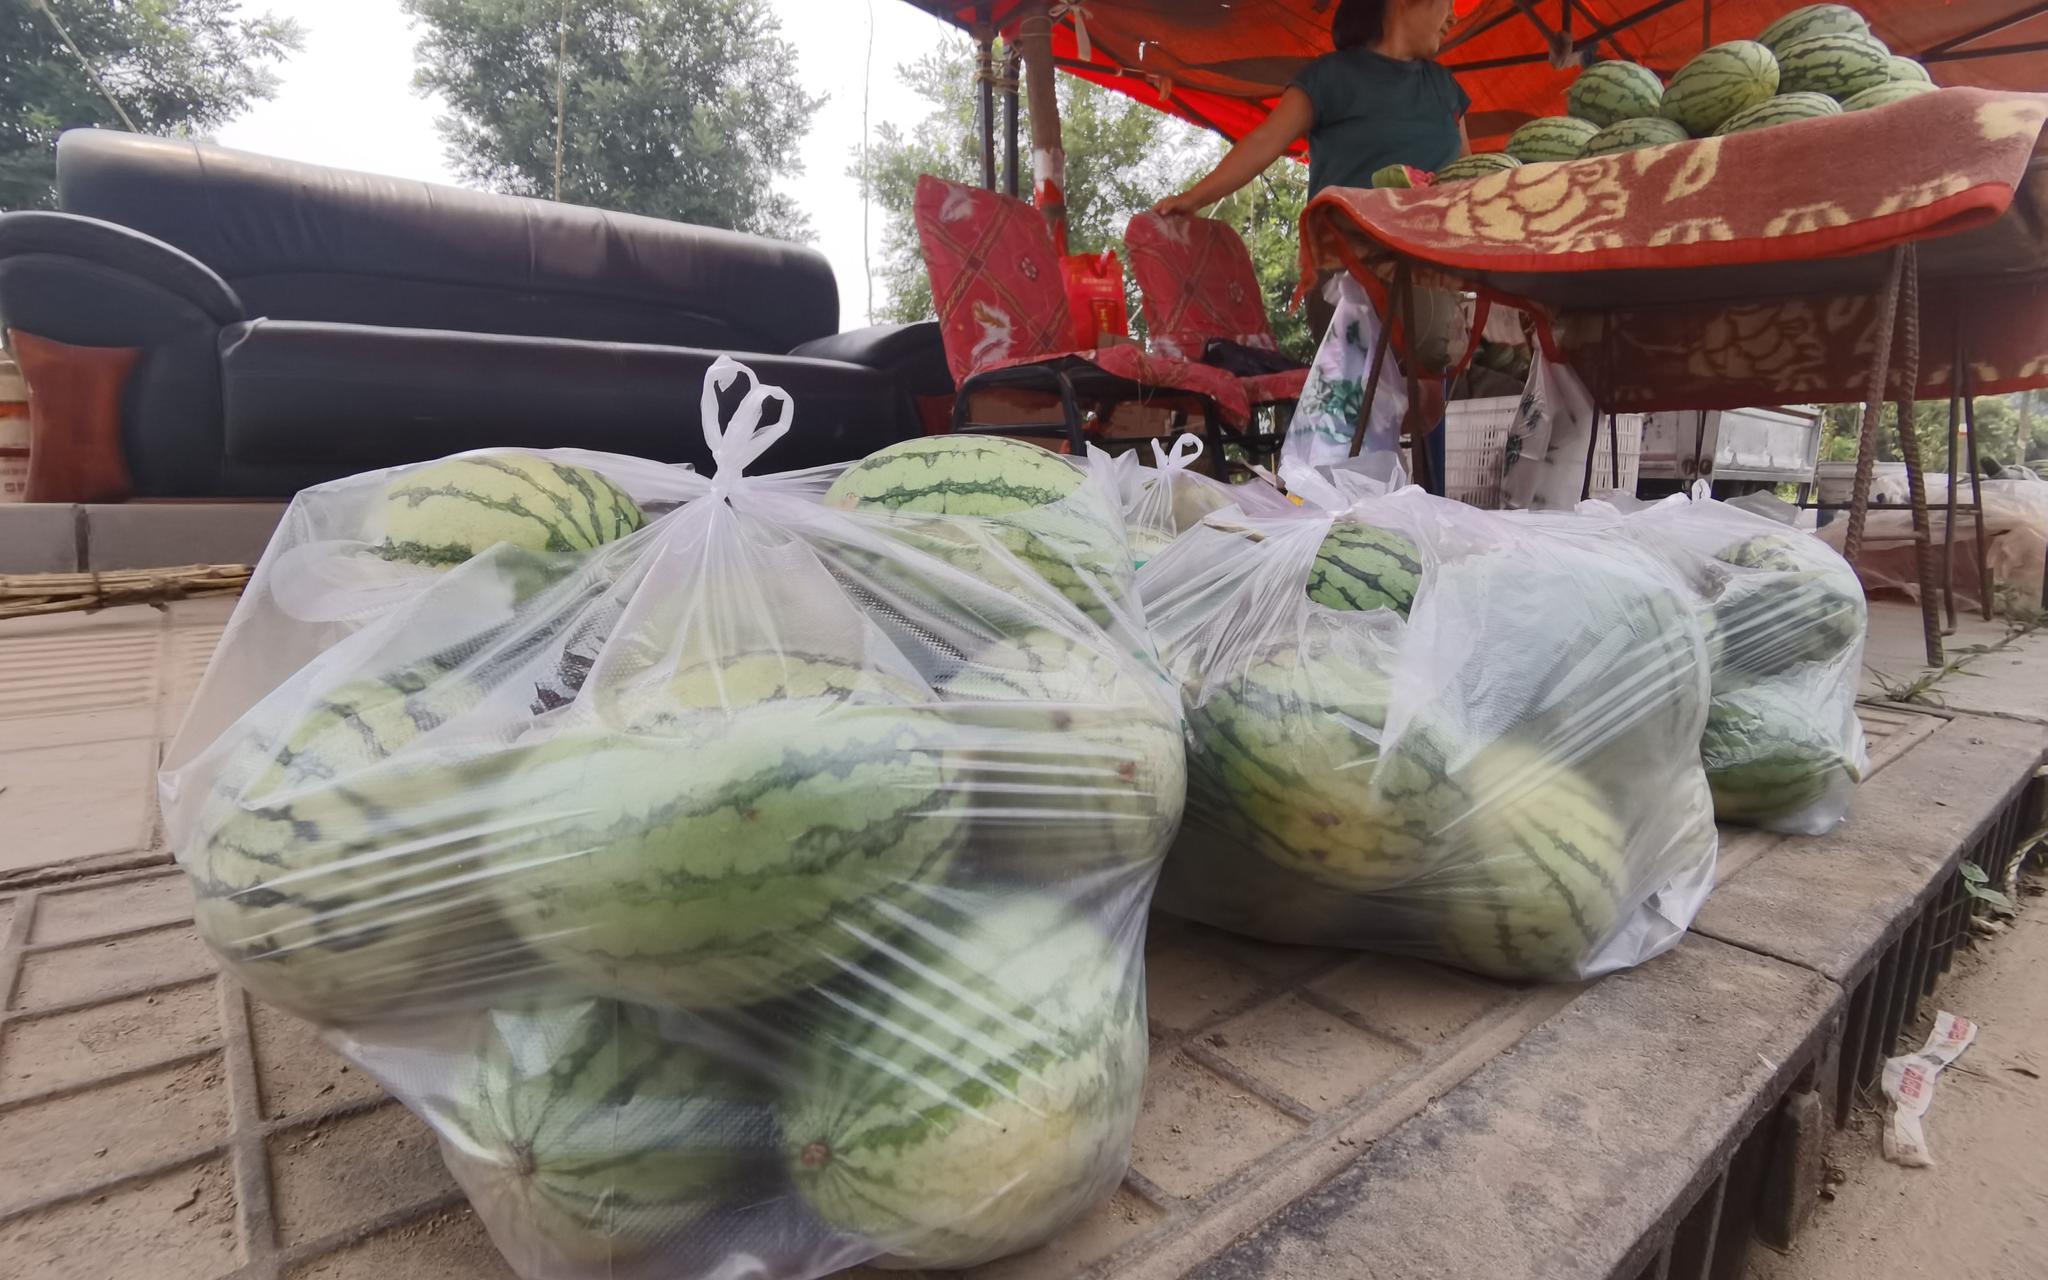 已经被客户订出的西瓜装好了袋子。新京报记者 王颖 摄